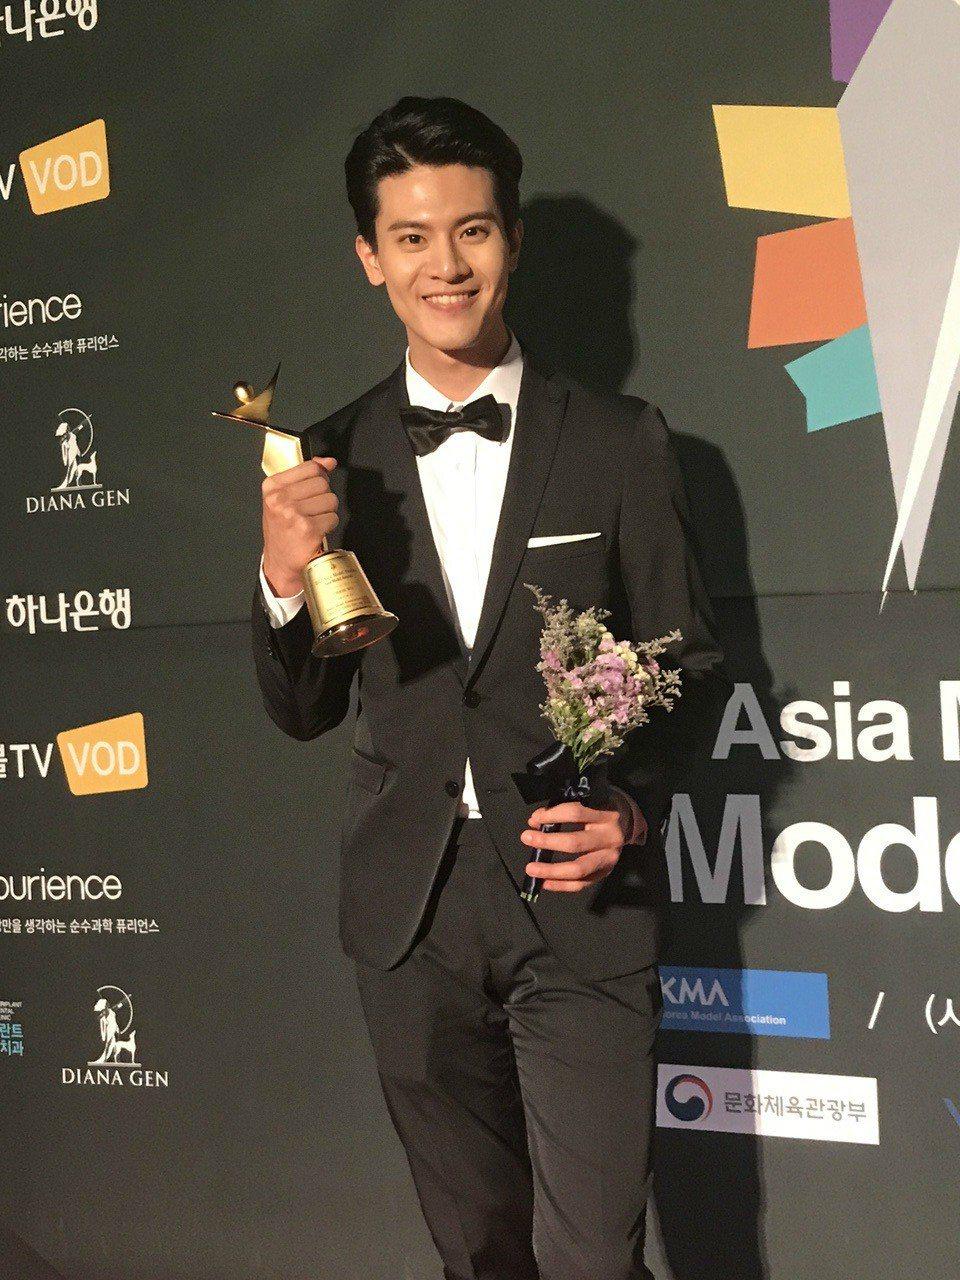 新人吳子浩獲得「亞洲模特兒大賞Asia Model Awards」模特兒之星獎。